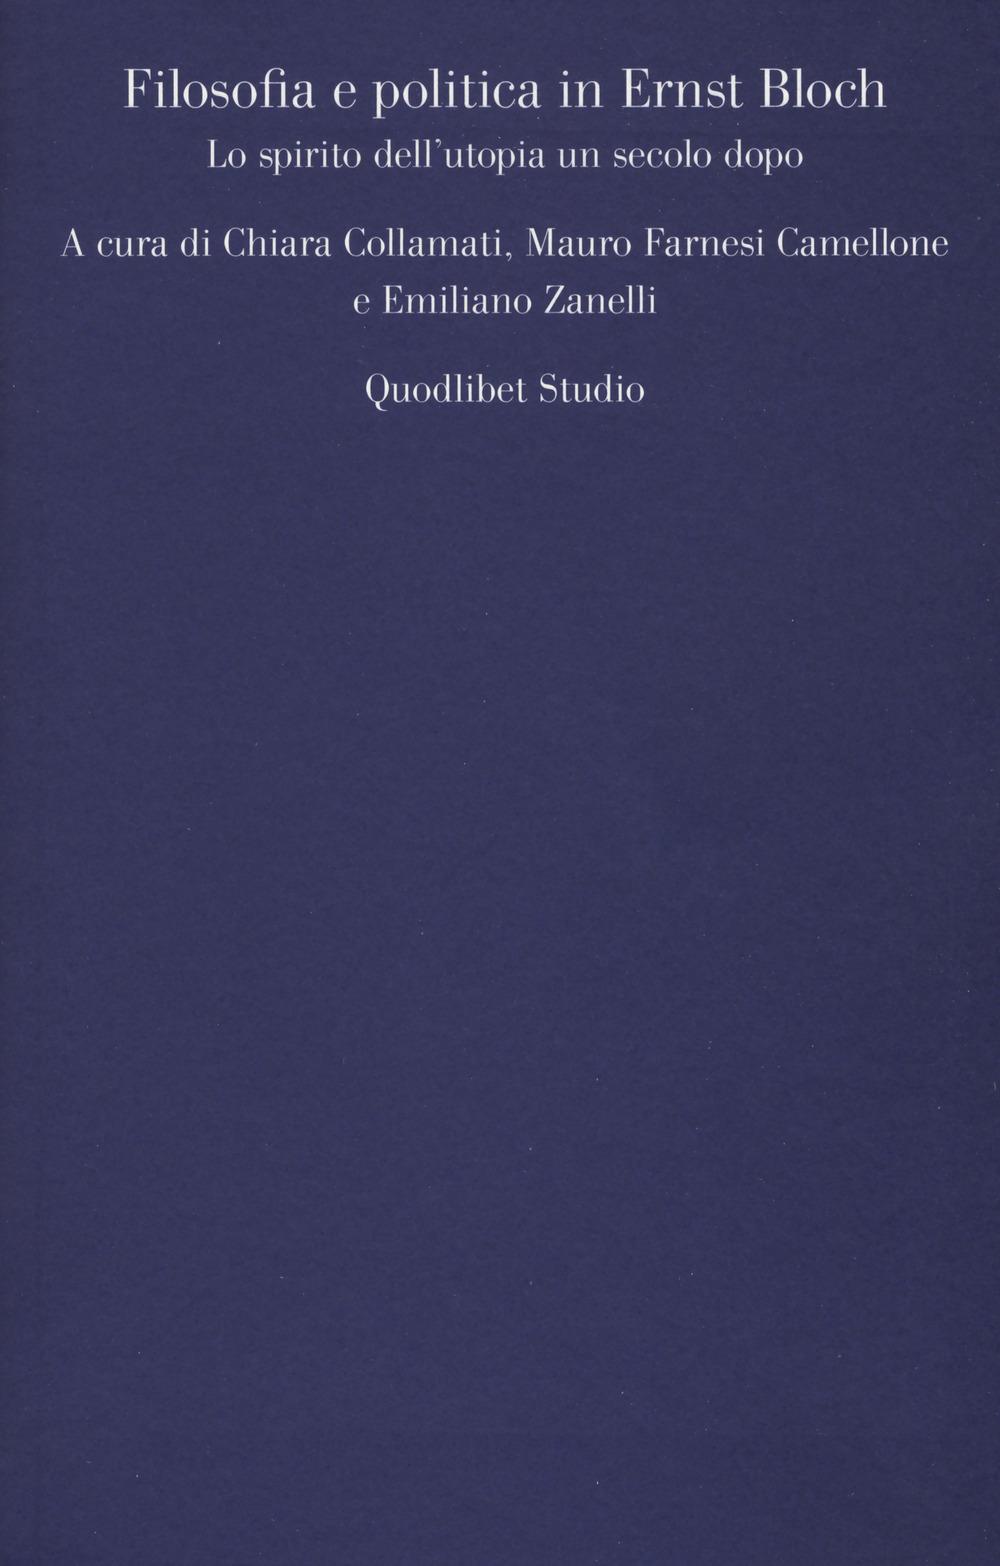 FILOSOFIA E POLITICA IN ERNST BLOCH. LO SPIRITO DELL'UTOPIA UN SECOLO DOPO - 9788822903389